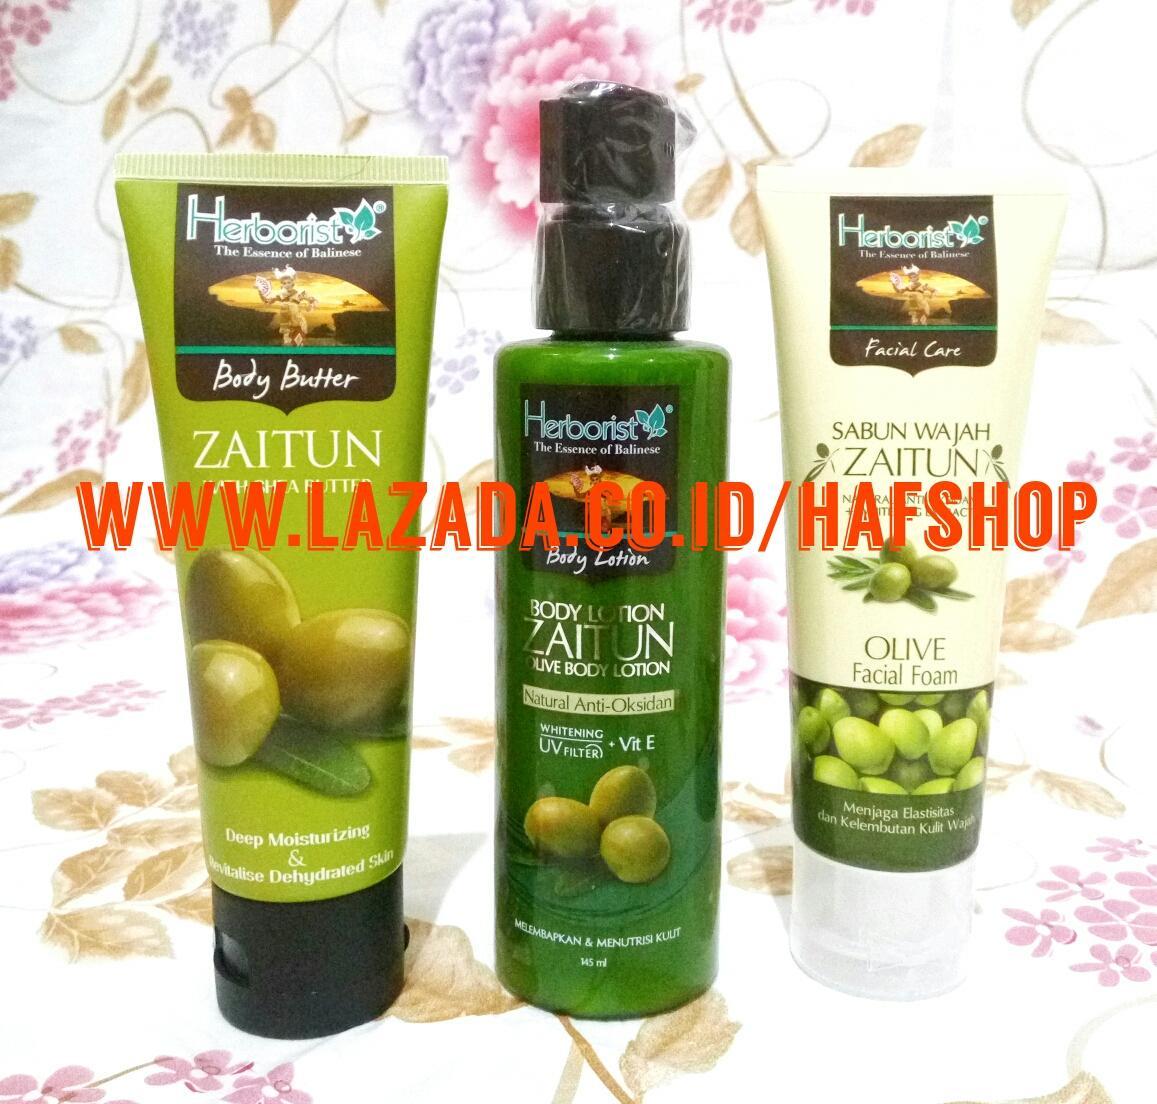 Kehebatan Herborist Facial Foam Zaitun 80gr Dan Harga Update Minyak 150ml Paket 3 Bl Bb